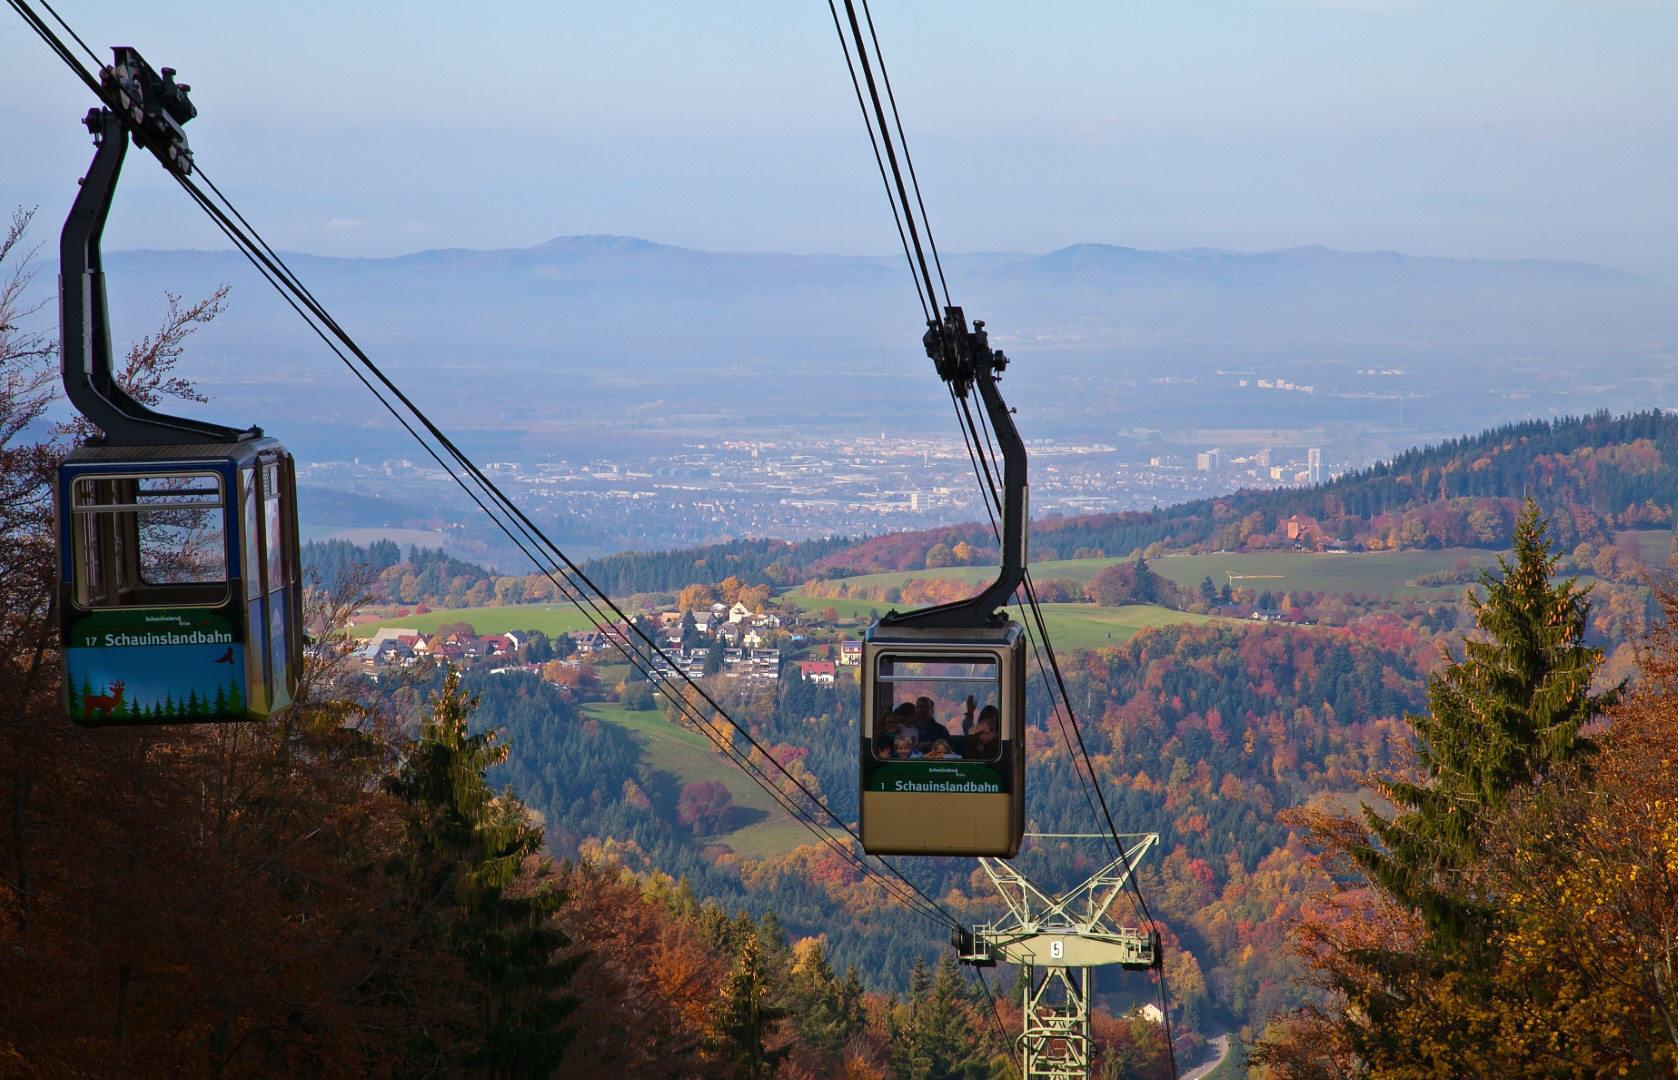 Die Schauinslandbahn erschließt den Freiburger Hausberg und ist mit 3.600 m Strecke Deutschlands längste Umlaufseilbahn. Eine Fahrt dauert fast 20 Minuten